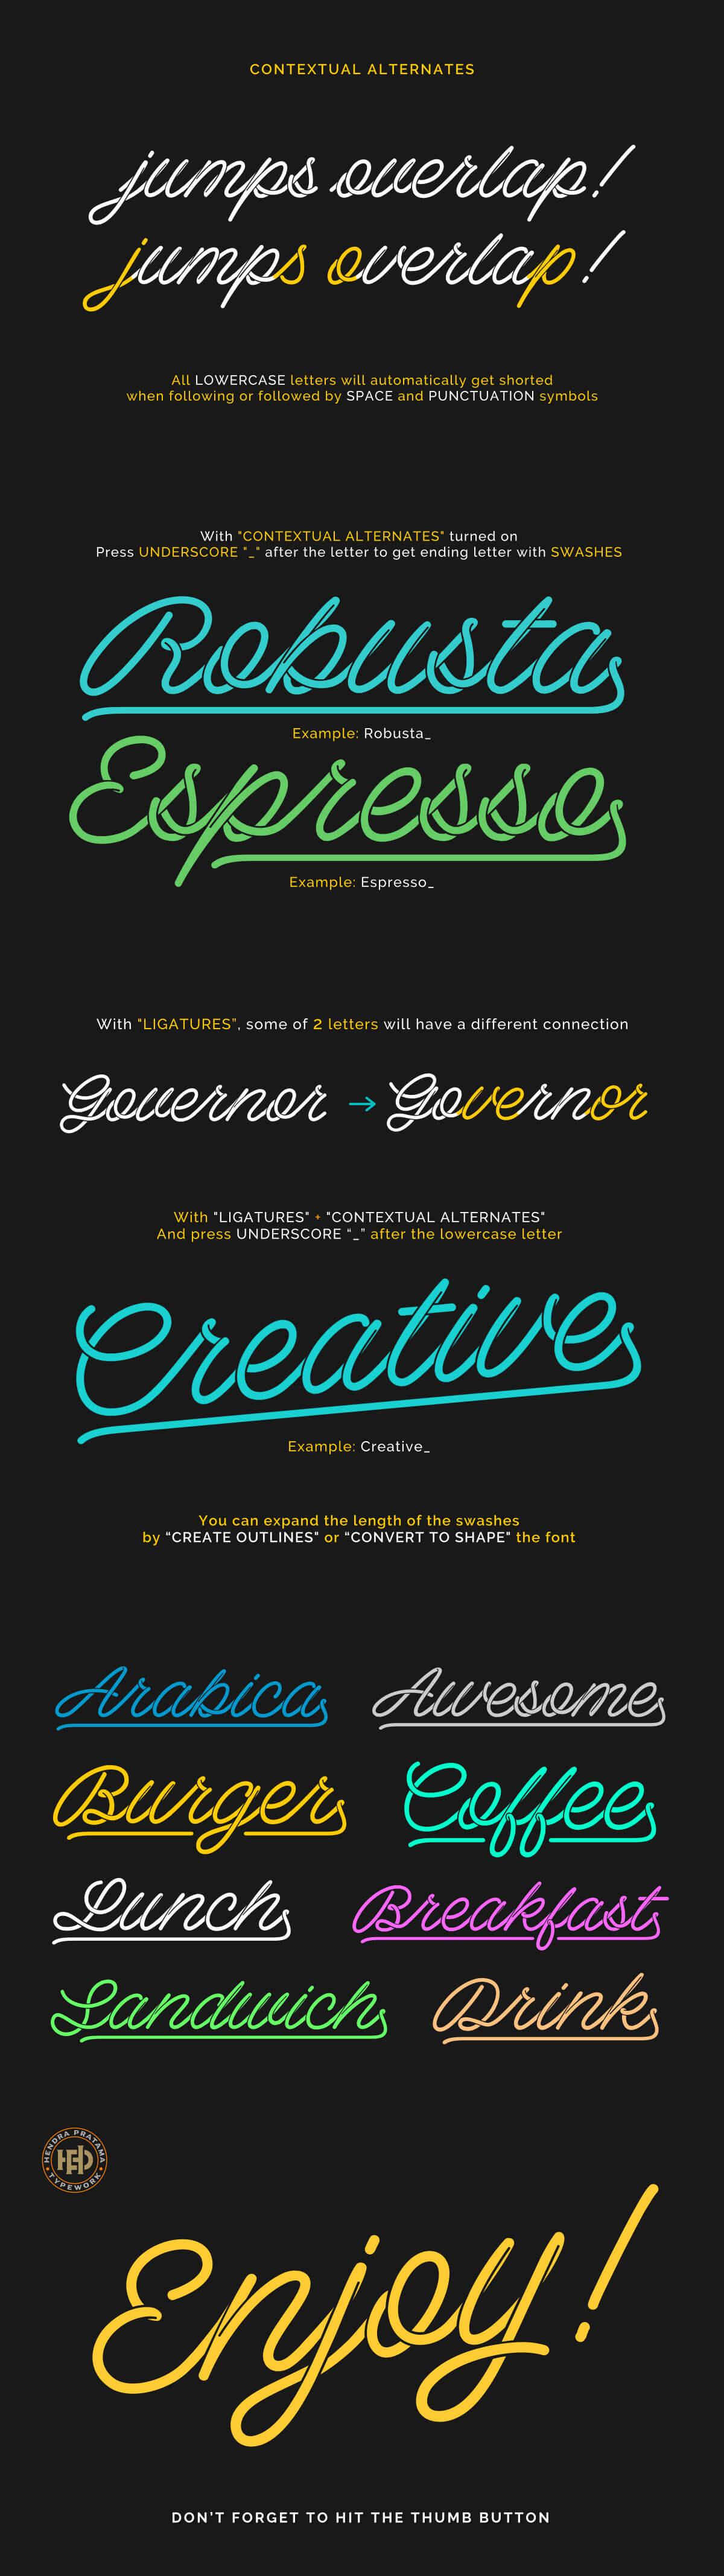 Free Barista Script Font - Creativetacos